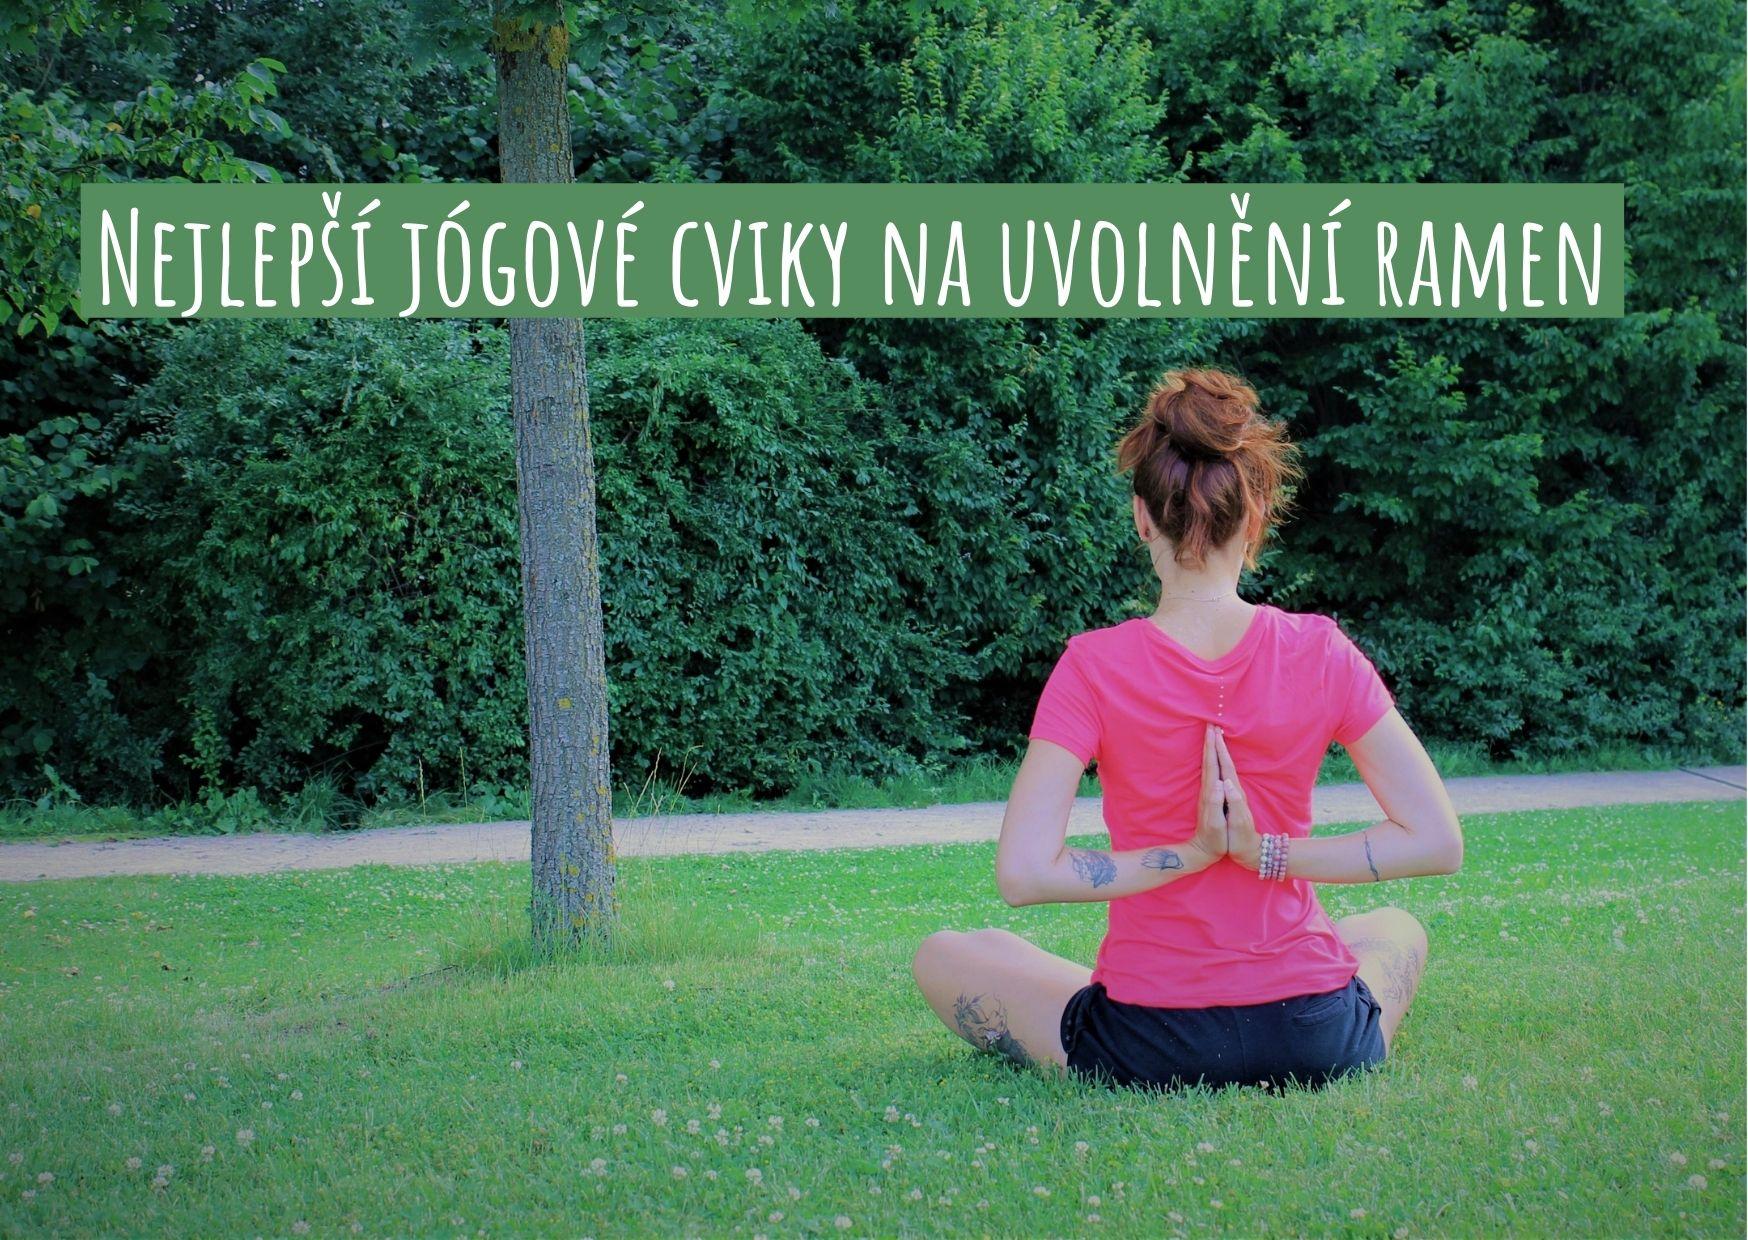 Nejlepší jógové cviky na uvolnění ramen